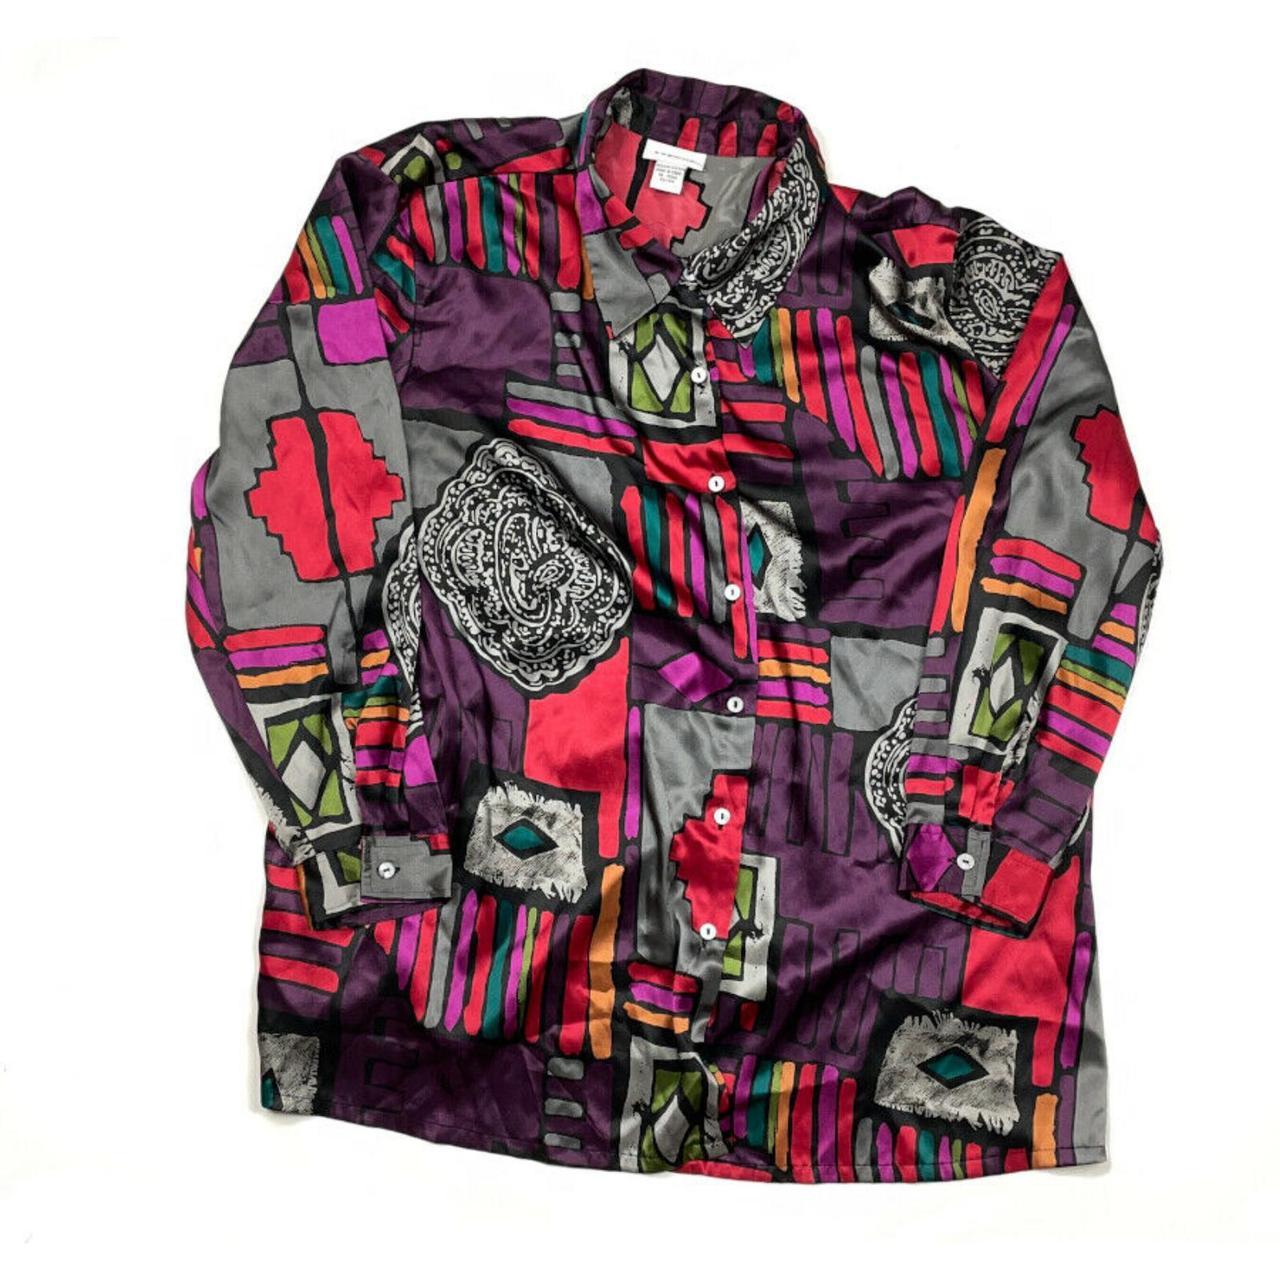 Product Image 1 - VTG 90s Style Fresh Prince